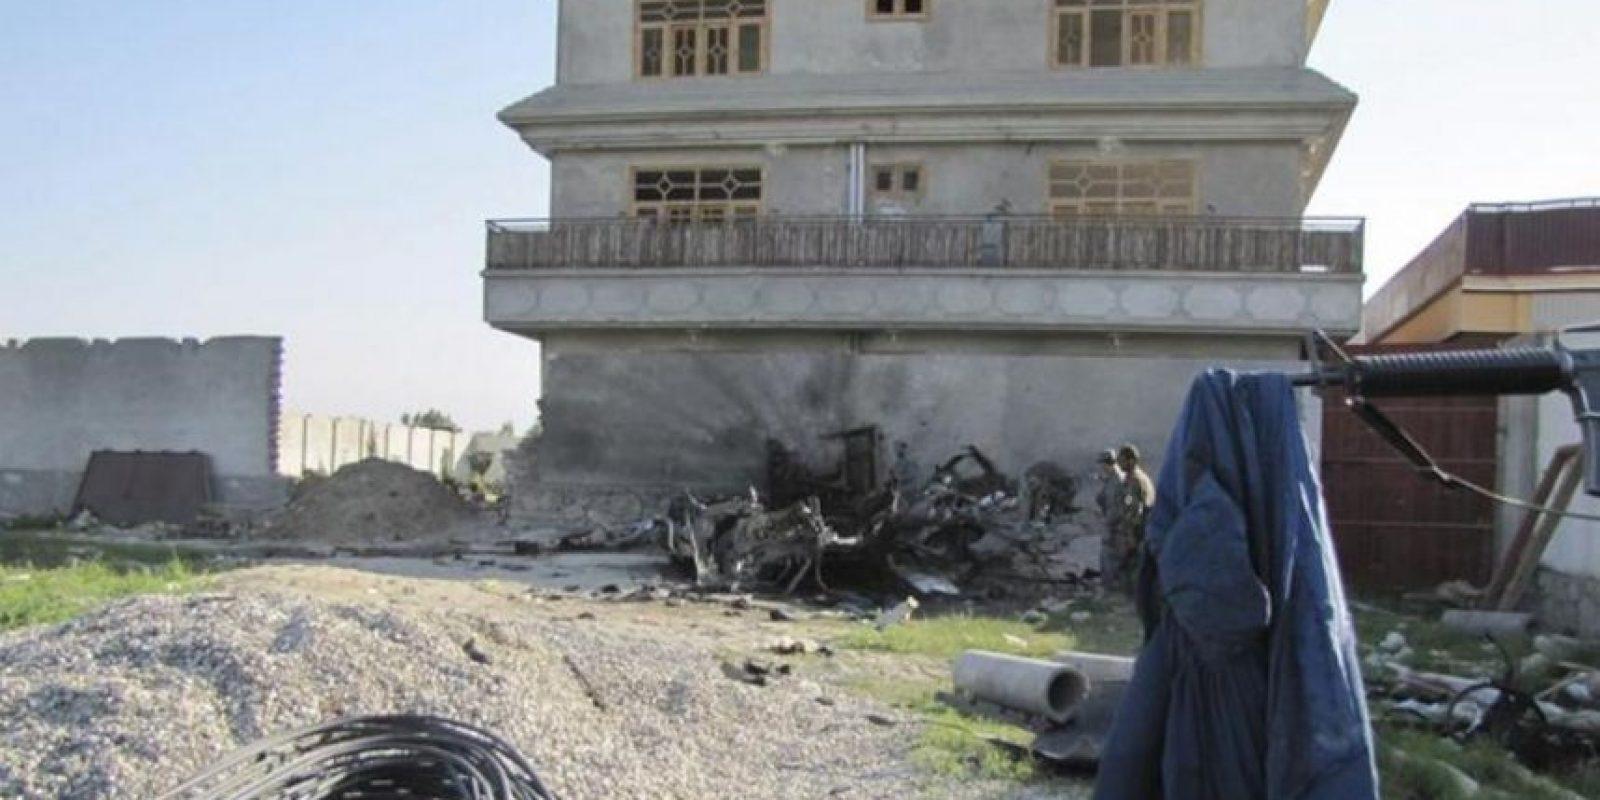 Varios militares afganos inspeccionan los daños causados por un ataque suicida con bomba en un edificio de la OTAN en Jalalabad (Afganistán). Comandos talibanes lanzaron ataques con lanzagranadas y rifles automáticos en la capital afgana y en las ciudades orientales de Jalalabad y Puli Alam, y algunos de ellos se han atrincherado en edificios. EFE